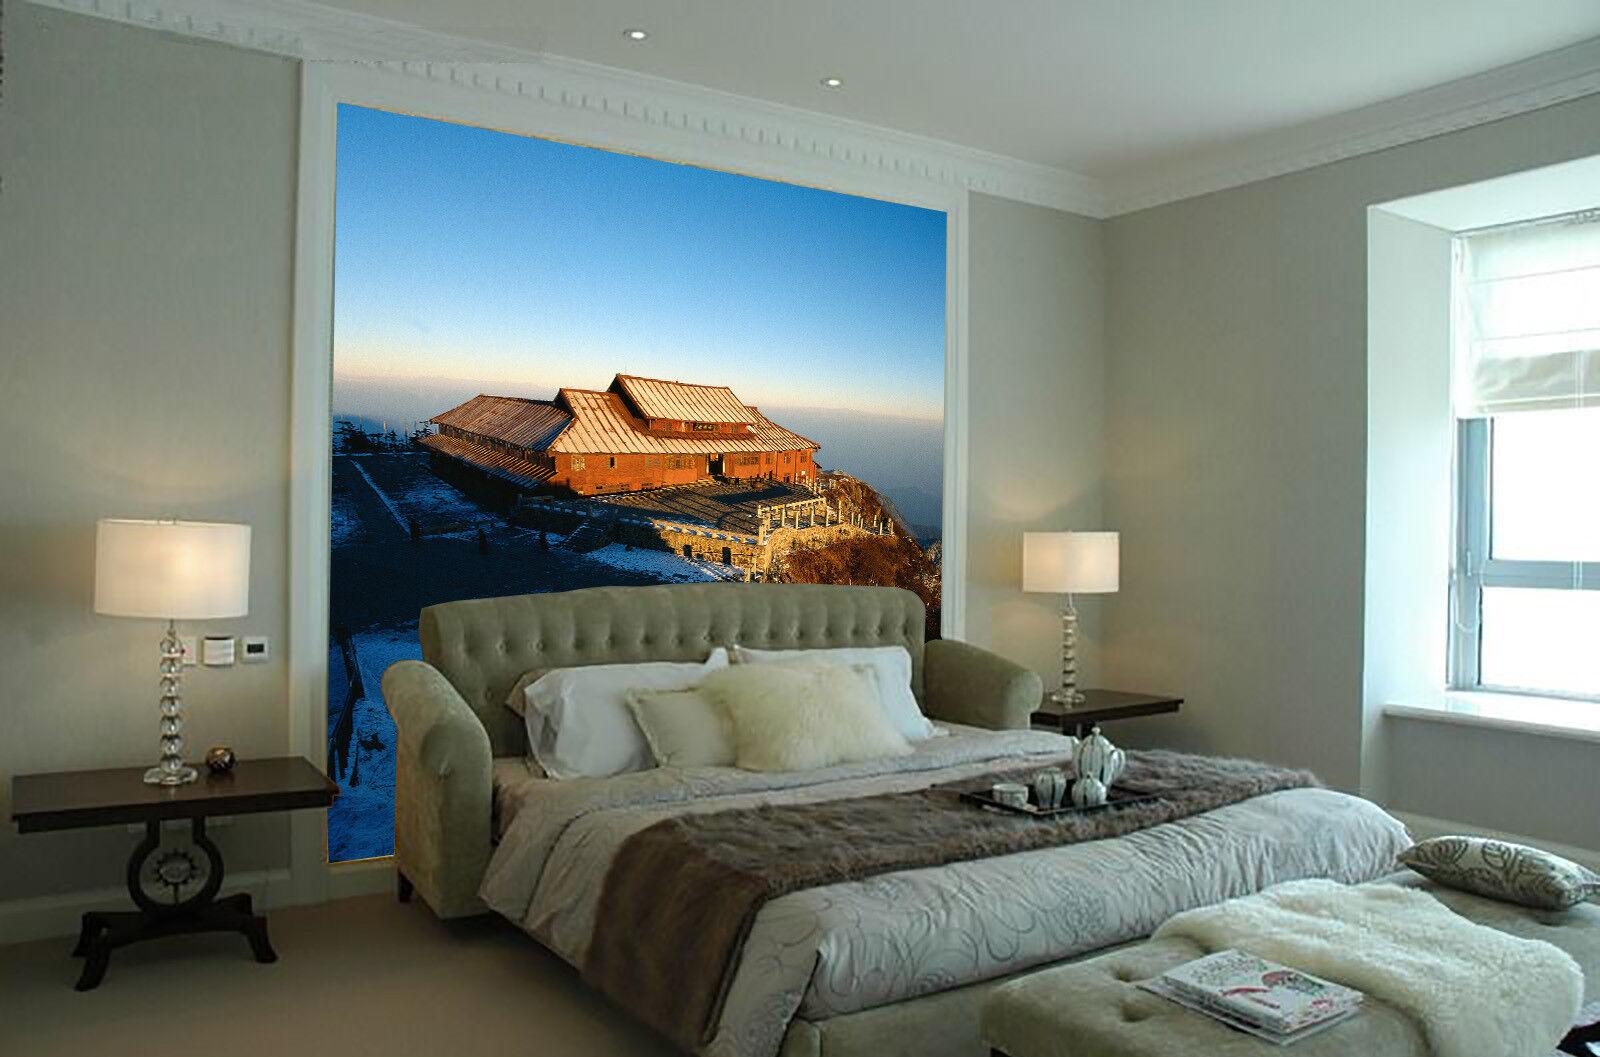 3D Alpiner Tempel 784 Tapete Wandgemälde Tapete Tapeten Bild Familie DE Summer | Tadellos  | Lebendige Form  | Attraktive Mode